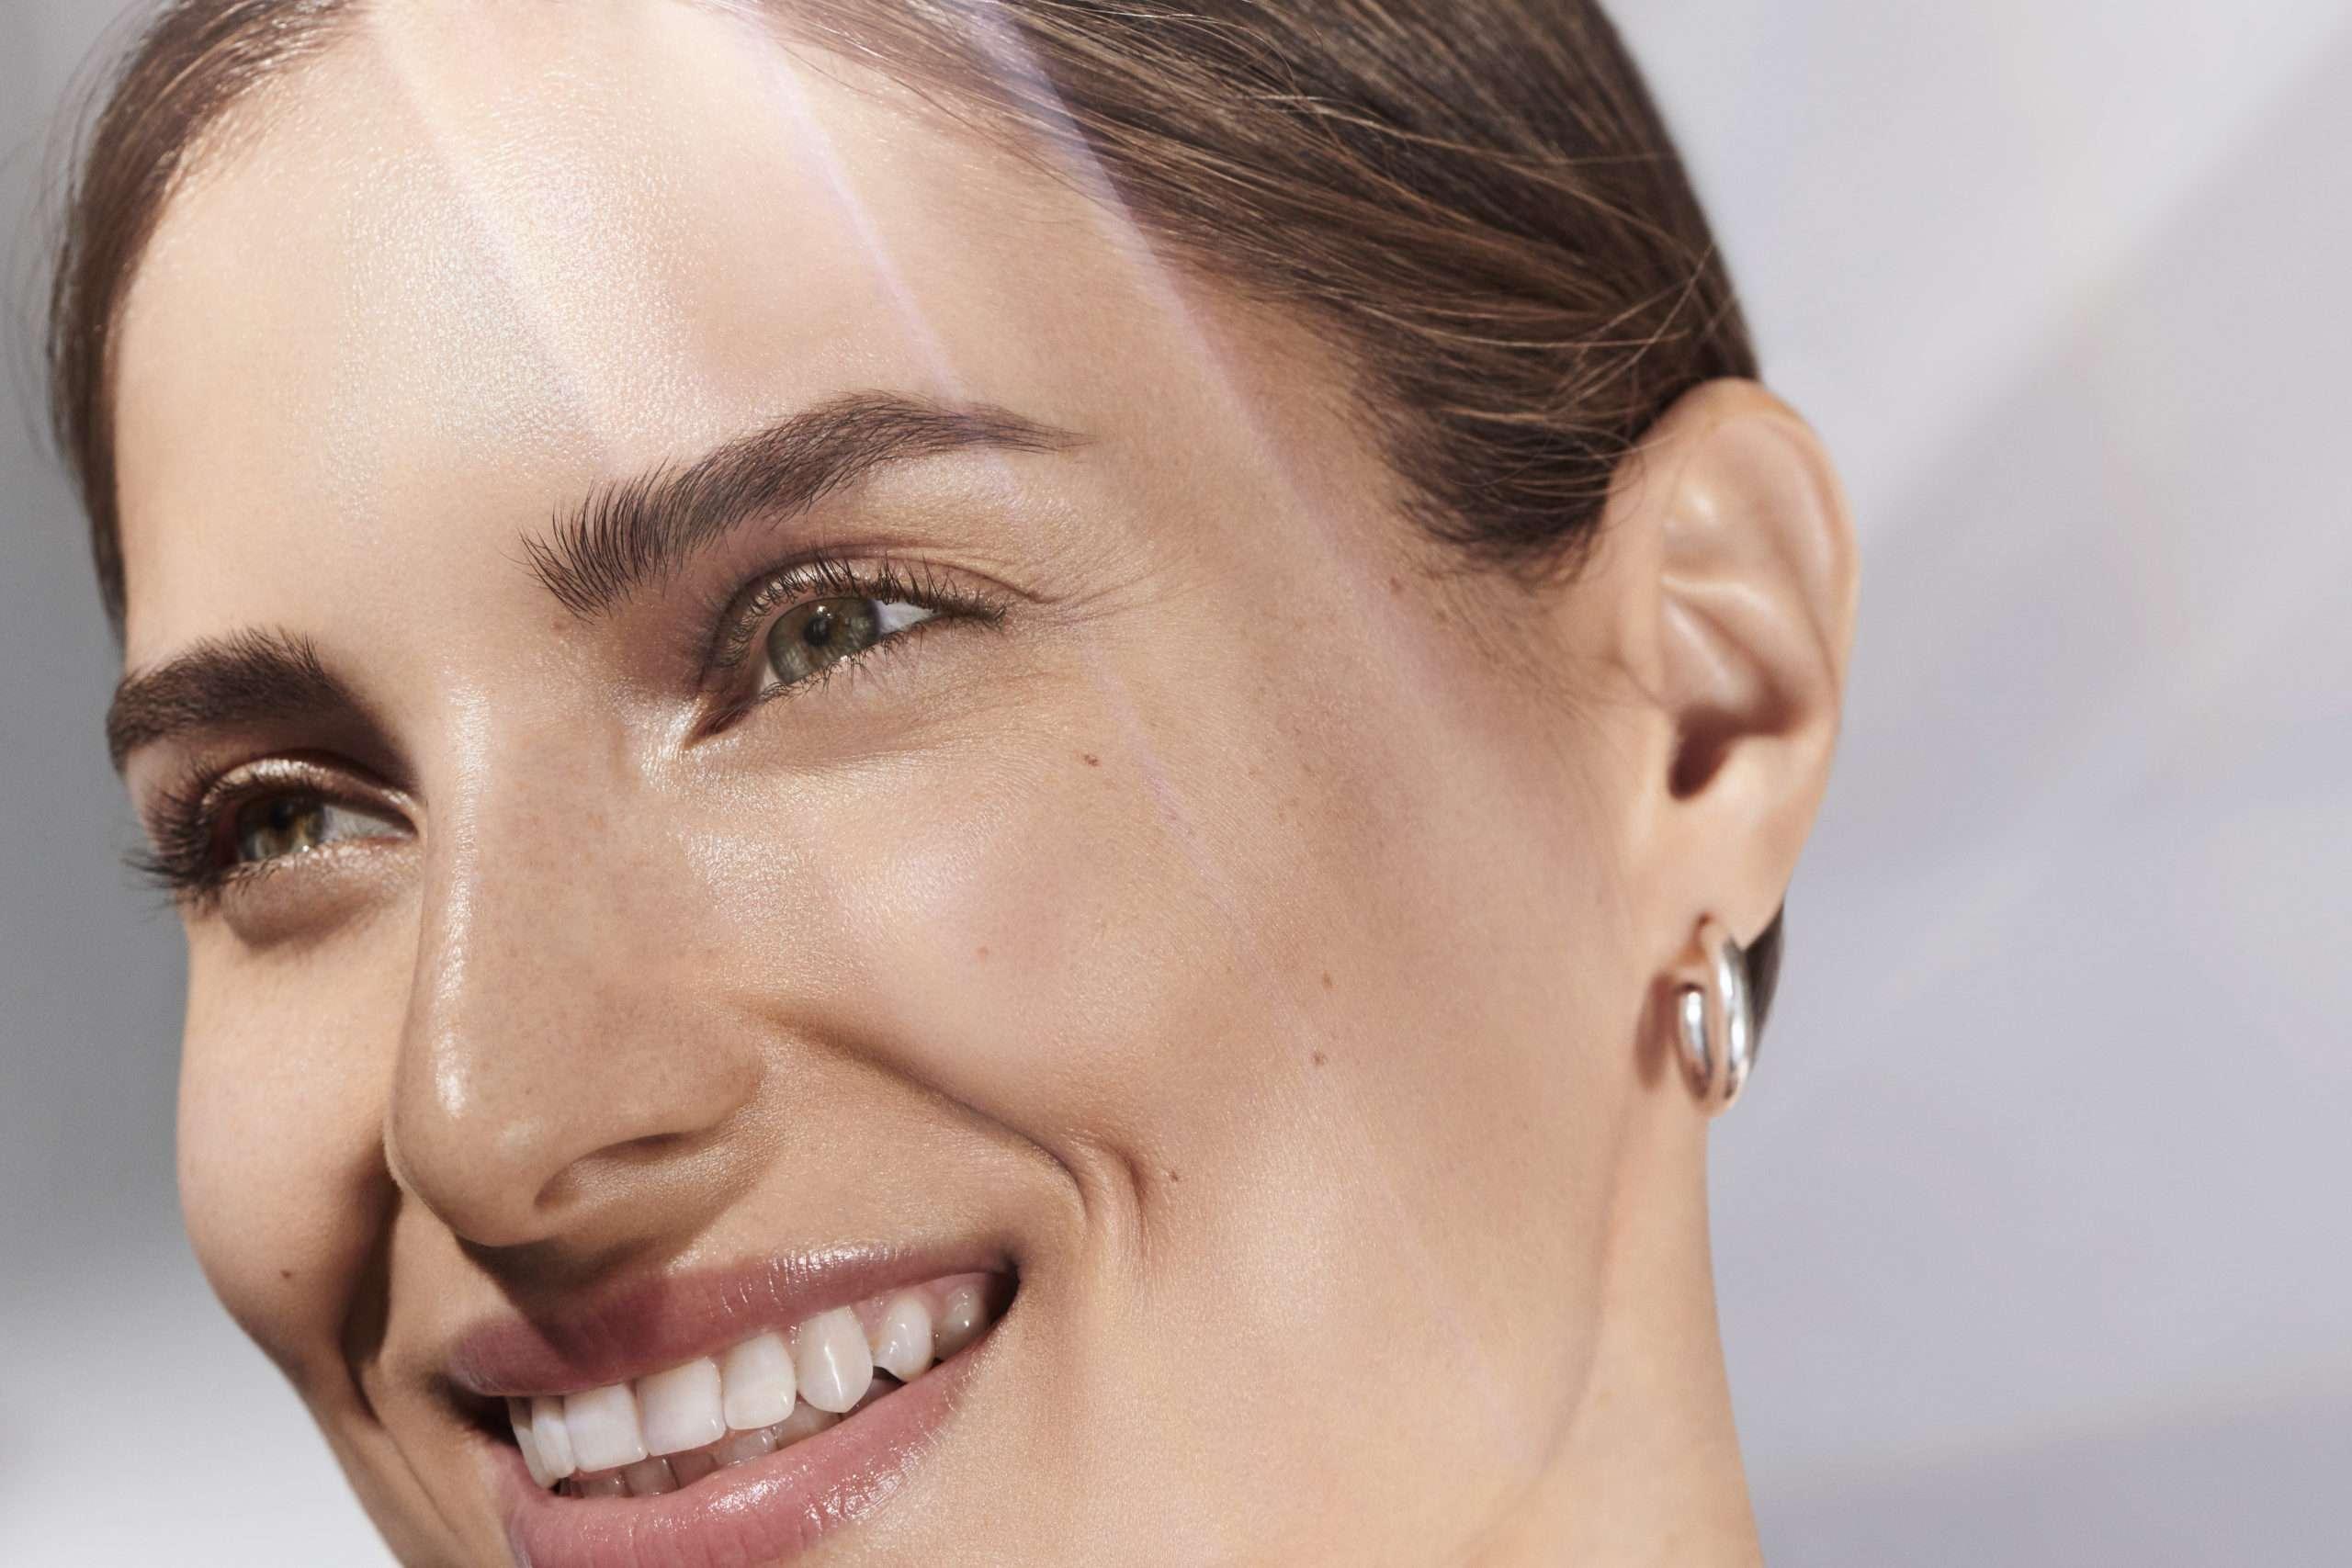 DiamondGlow noninvasive skin resurfacing treatment